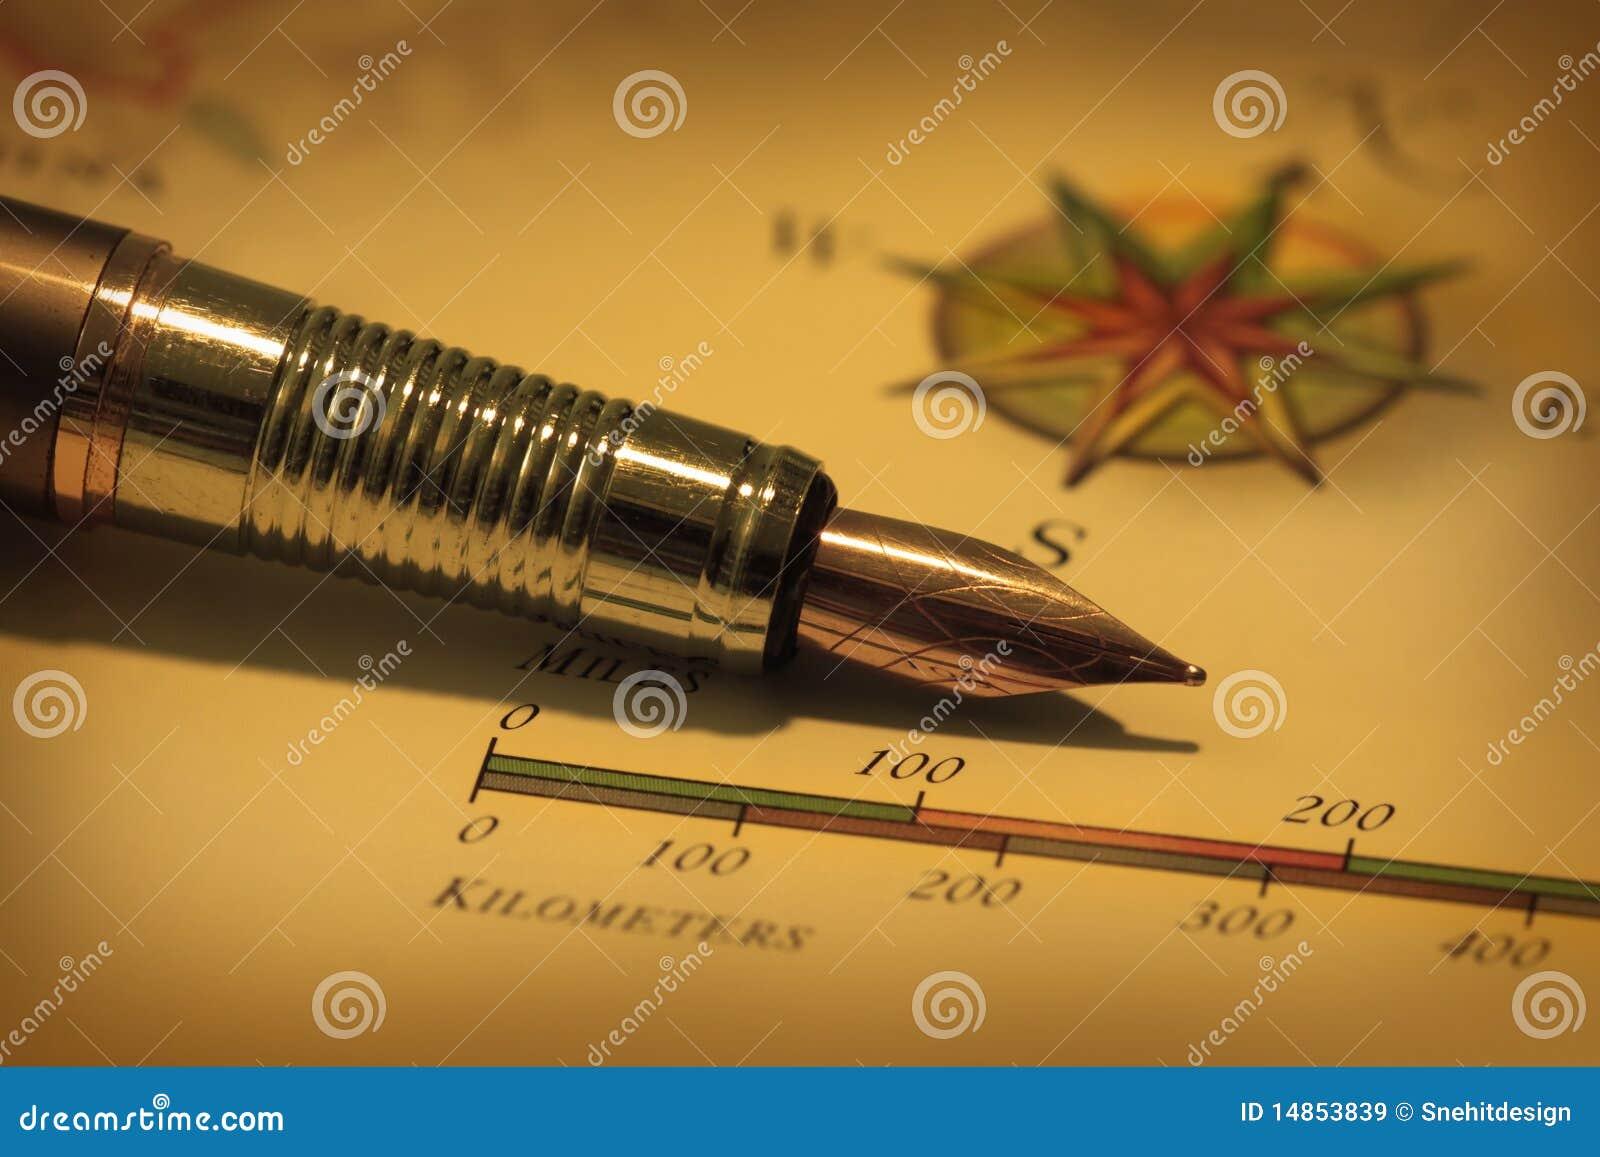 Antique pen on map